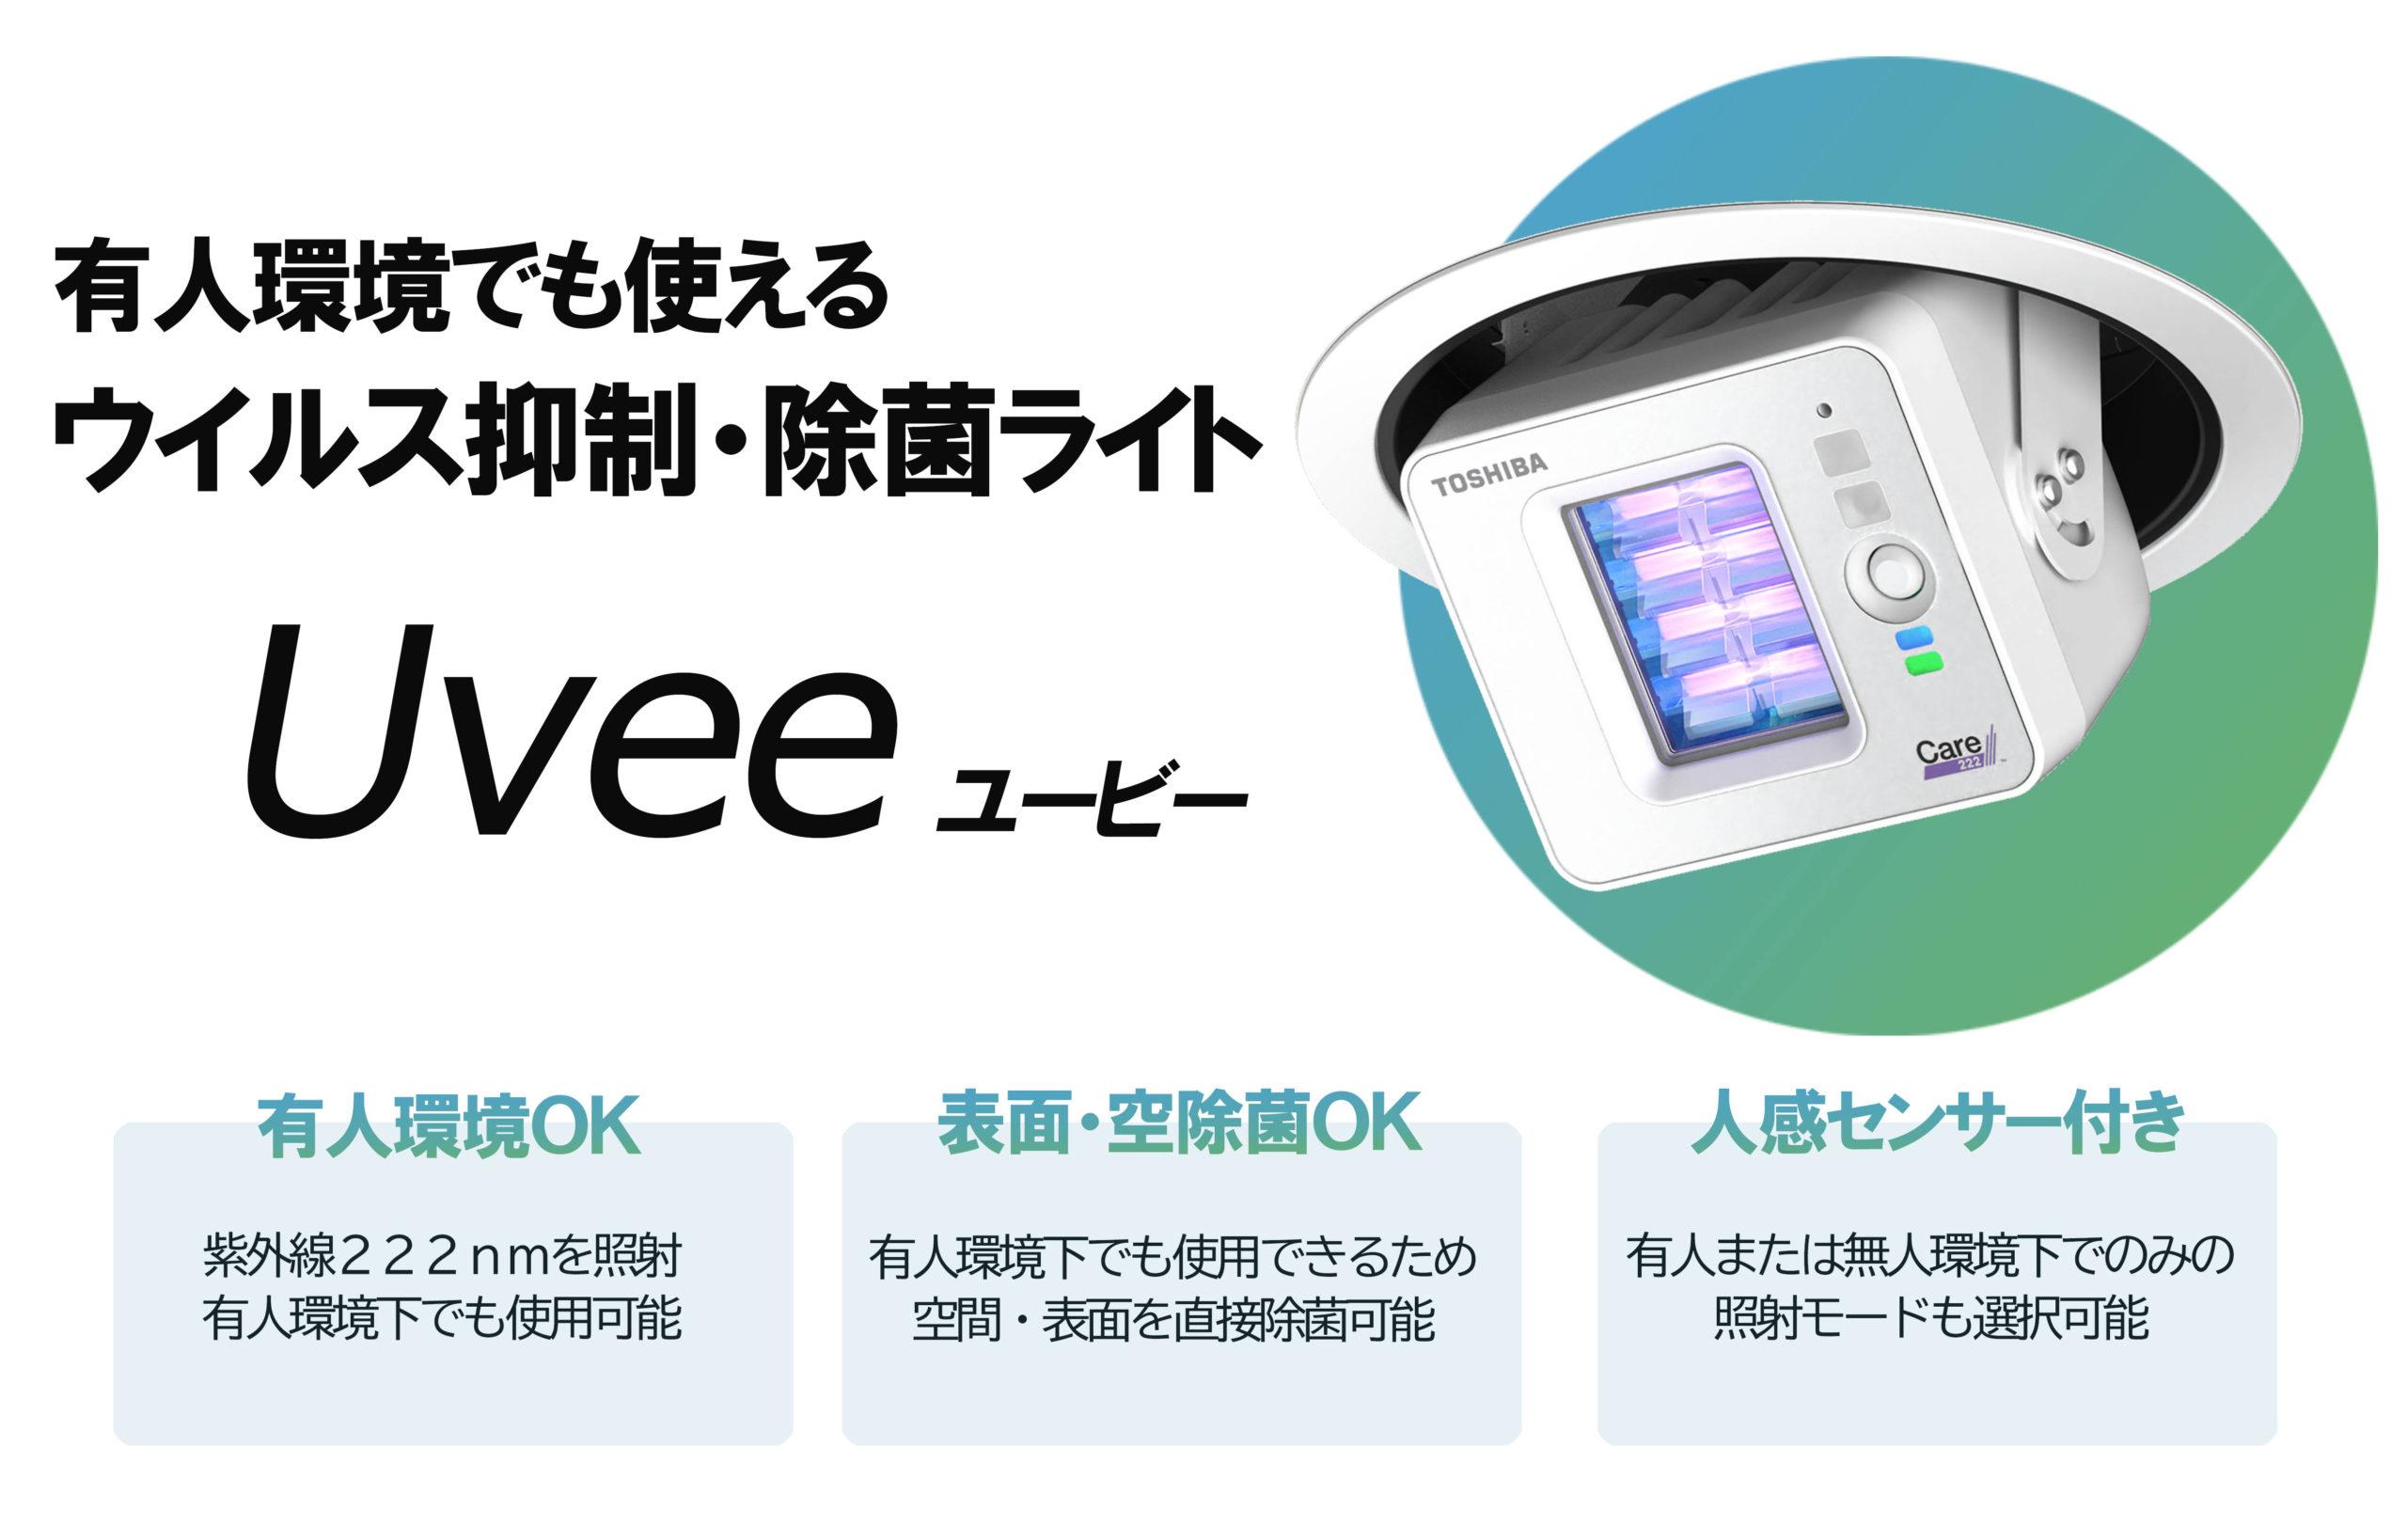 有人環境下で使用できるウイルス不活化・UV222nmの殺菌技術「Uvee」。友人環境下でも使用でき、表面空間除菌が同時に行えます。